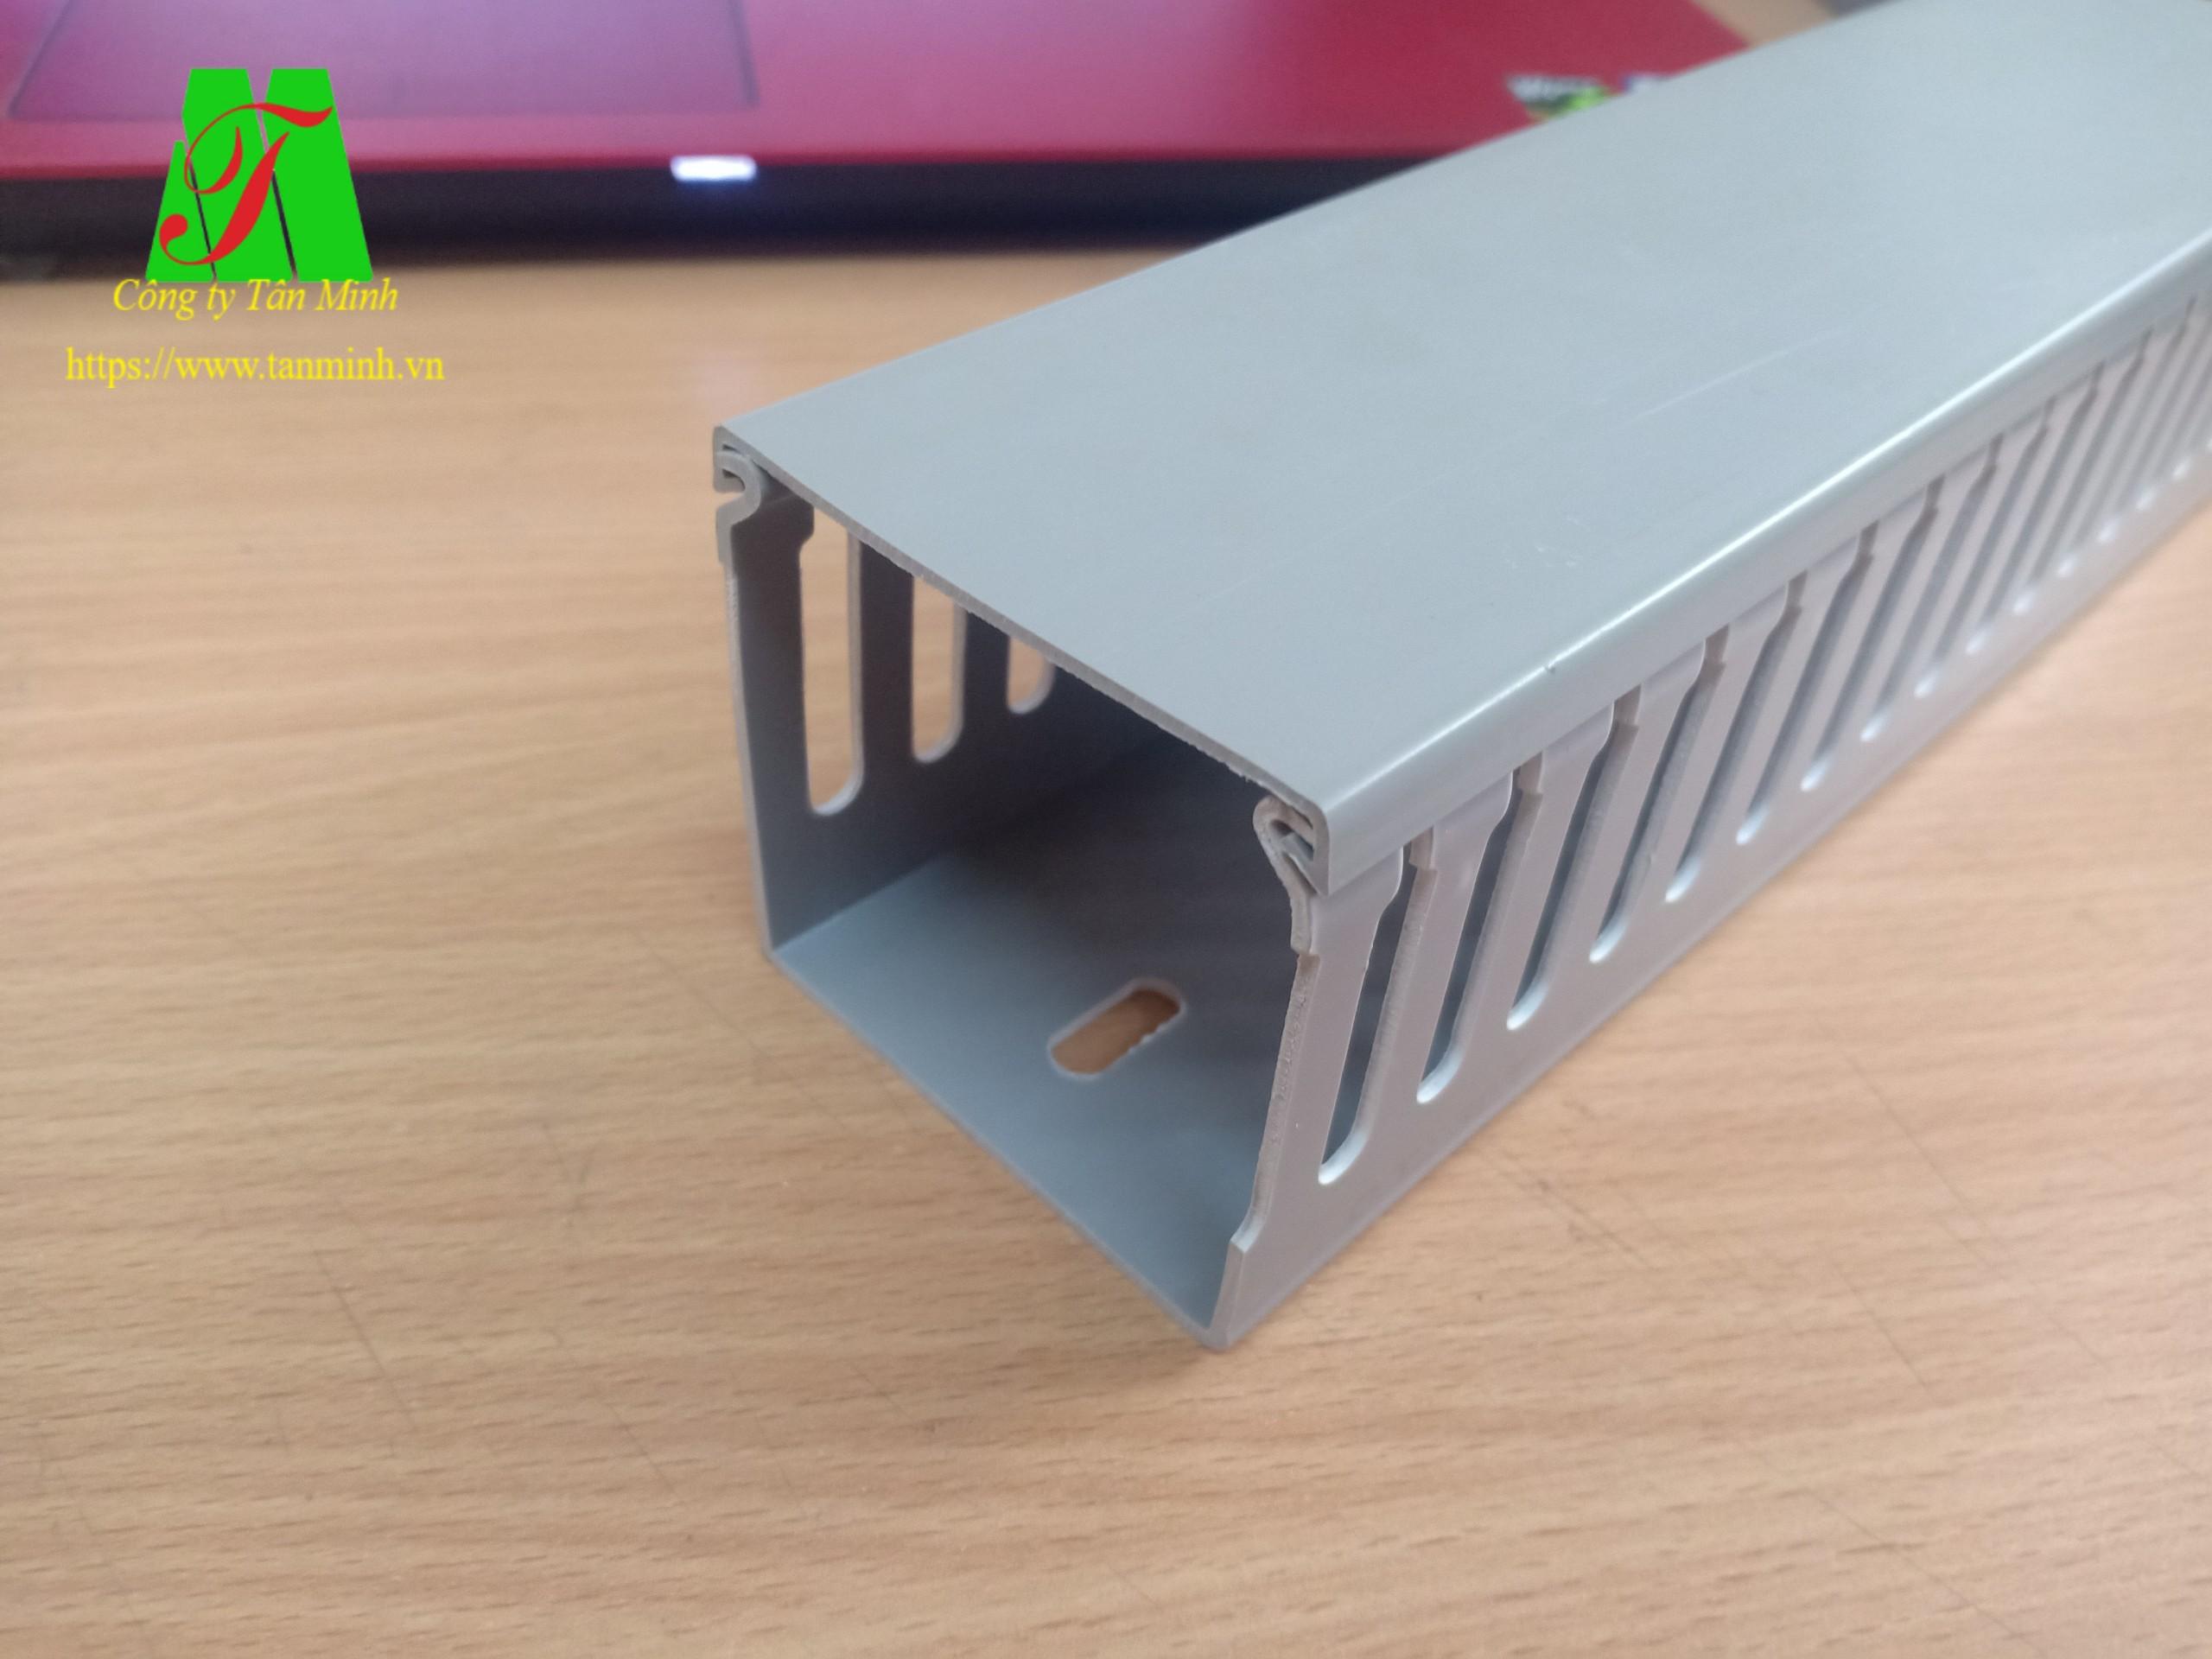 Máng nhựa Tanminh Electric 60x60mm